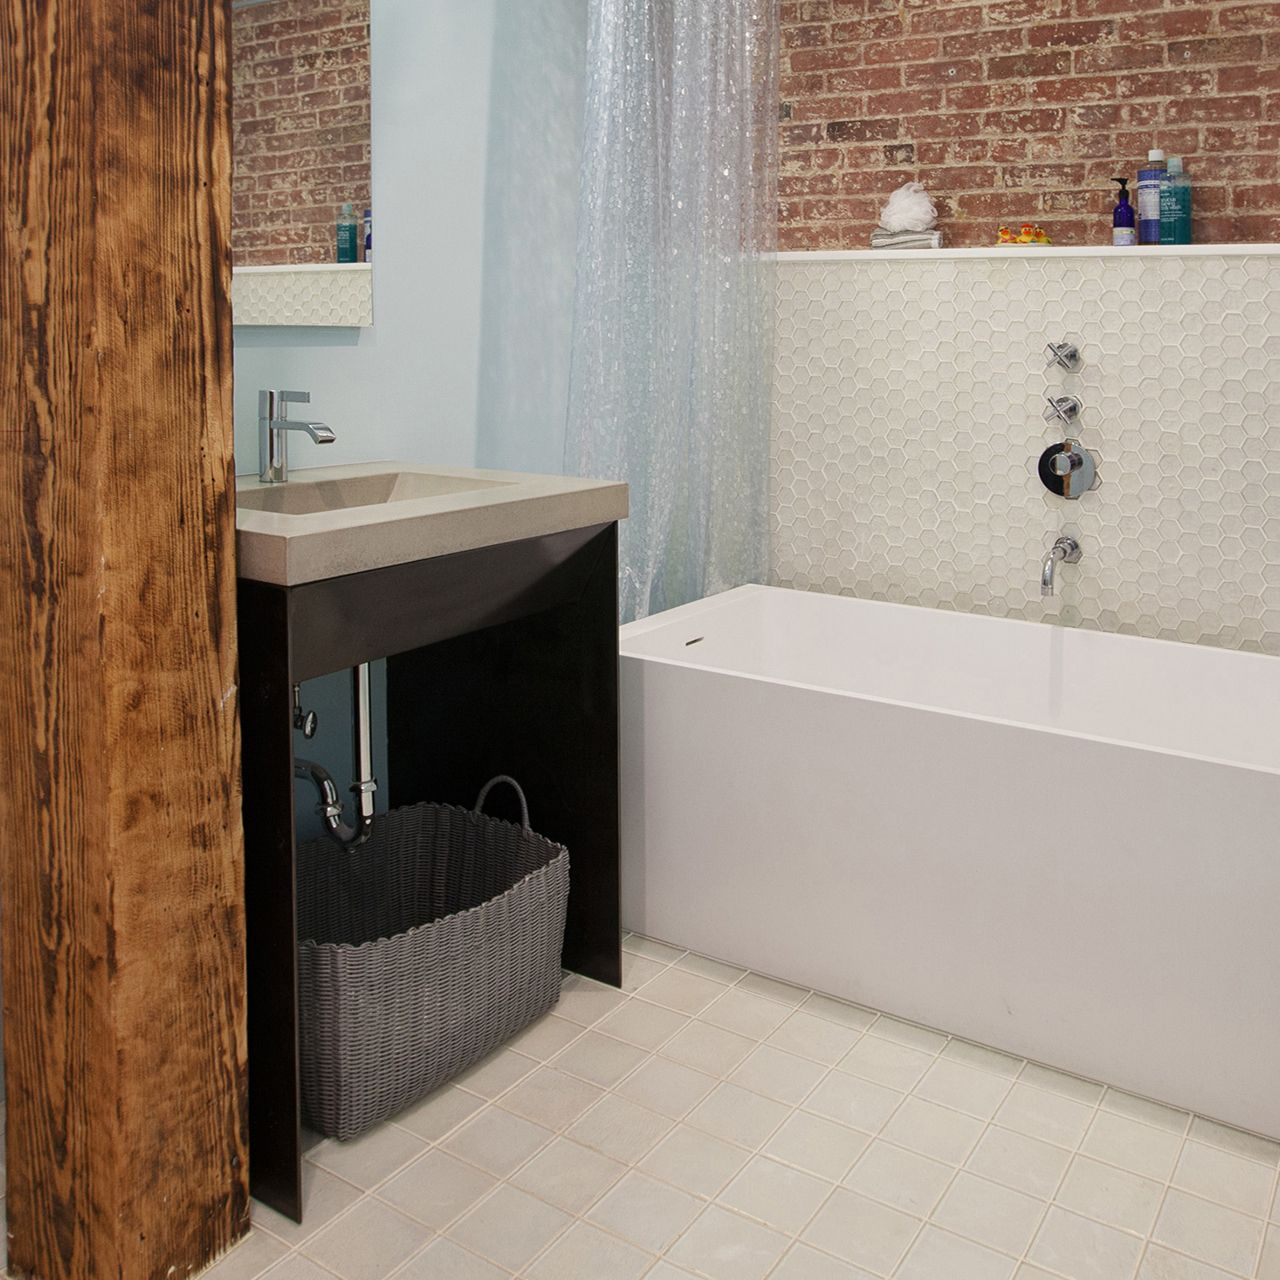 Photos Of ADA Contempo Bathroom Vanity Sink Trueform Concrete